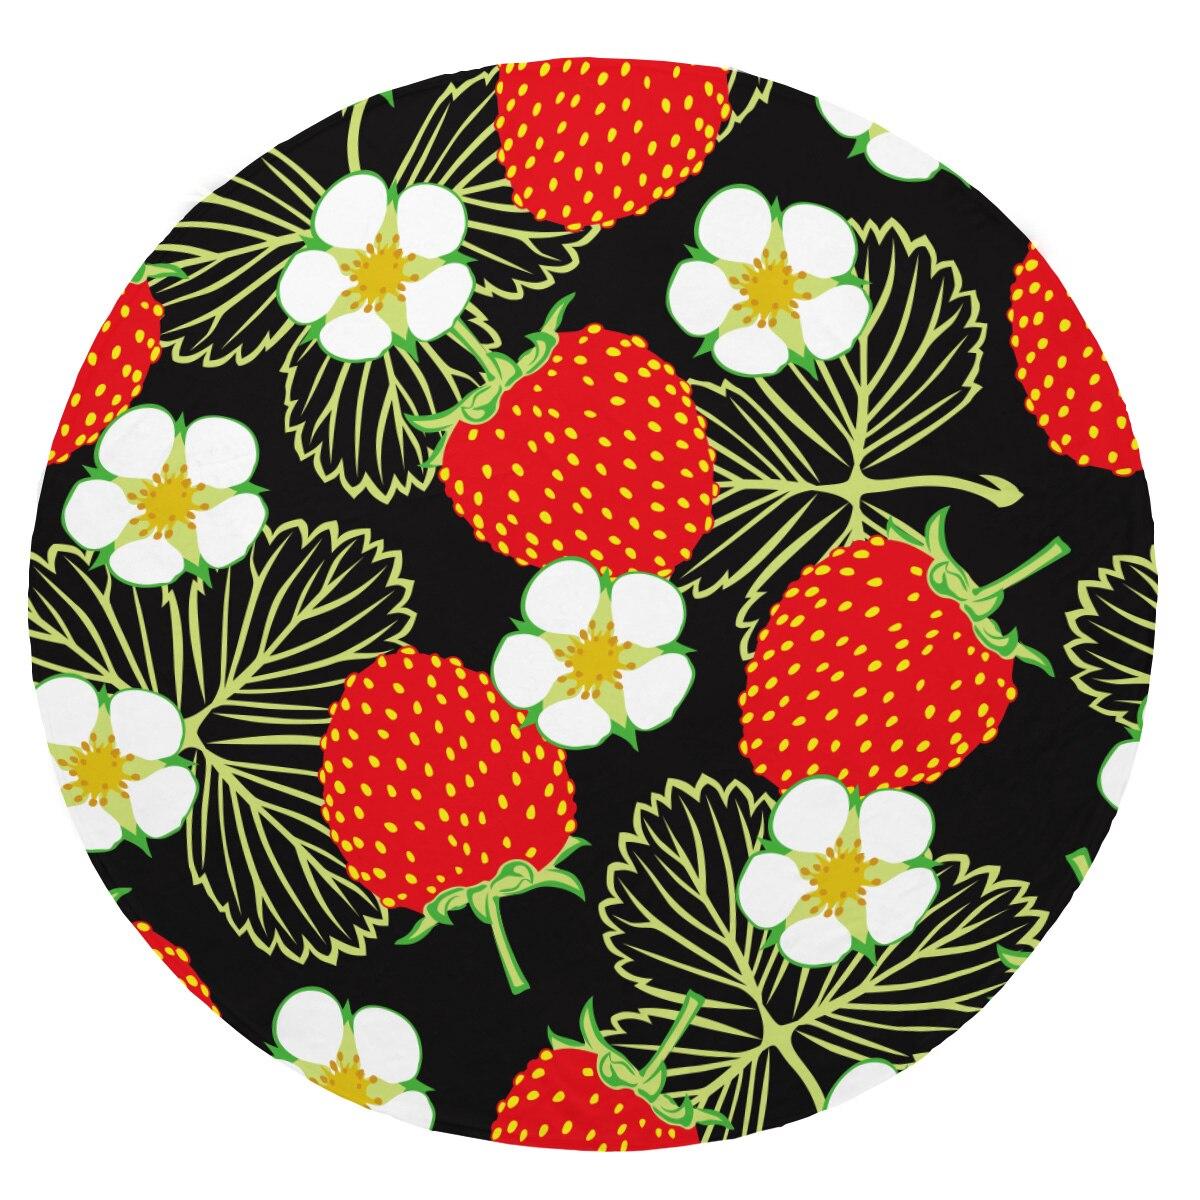 Couvertures de bande dessinée de fraise de couverture de flanelle de peluche molle superbe couverture ronde de jet pour des lits